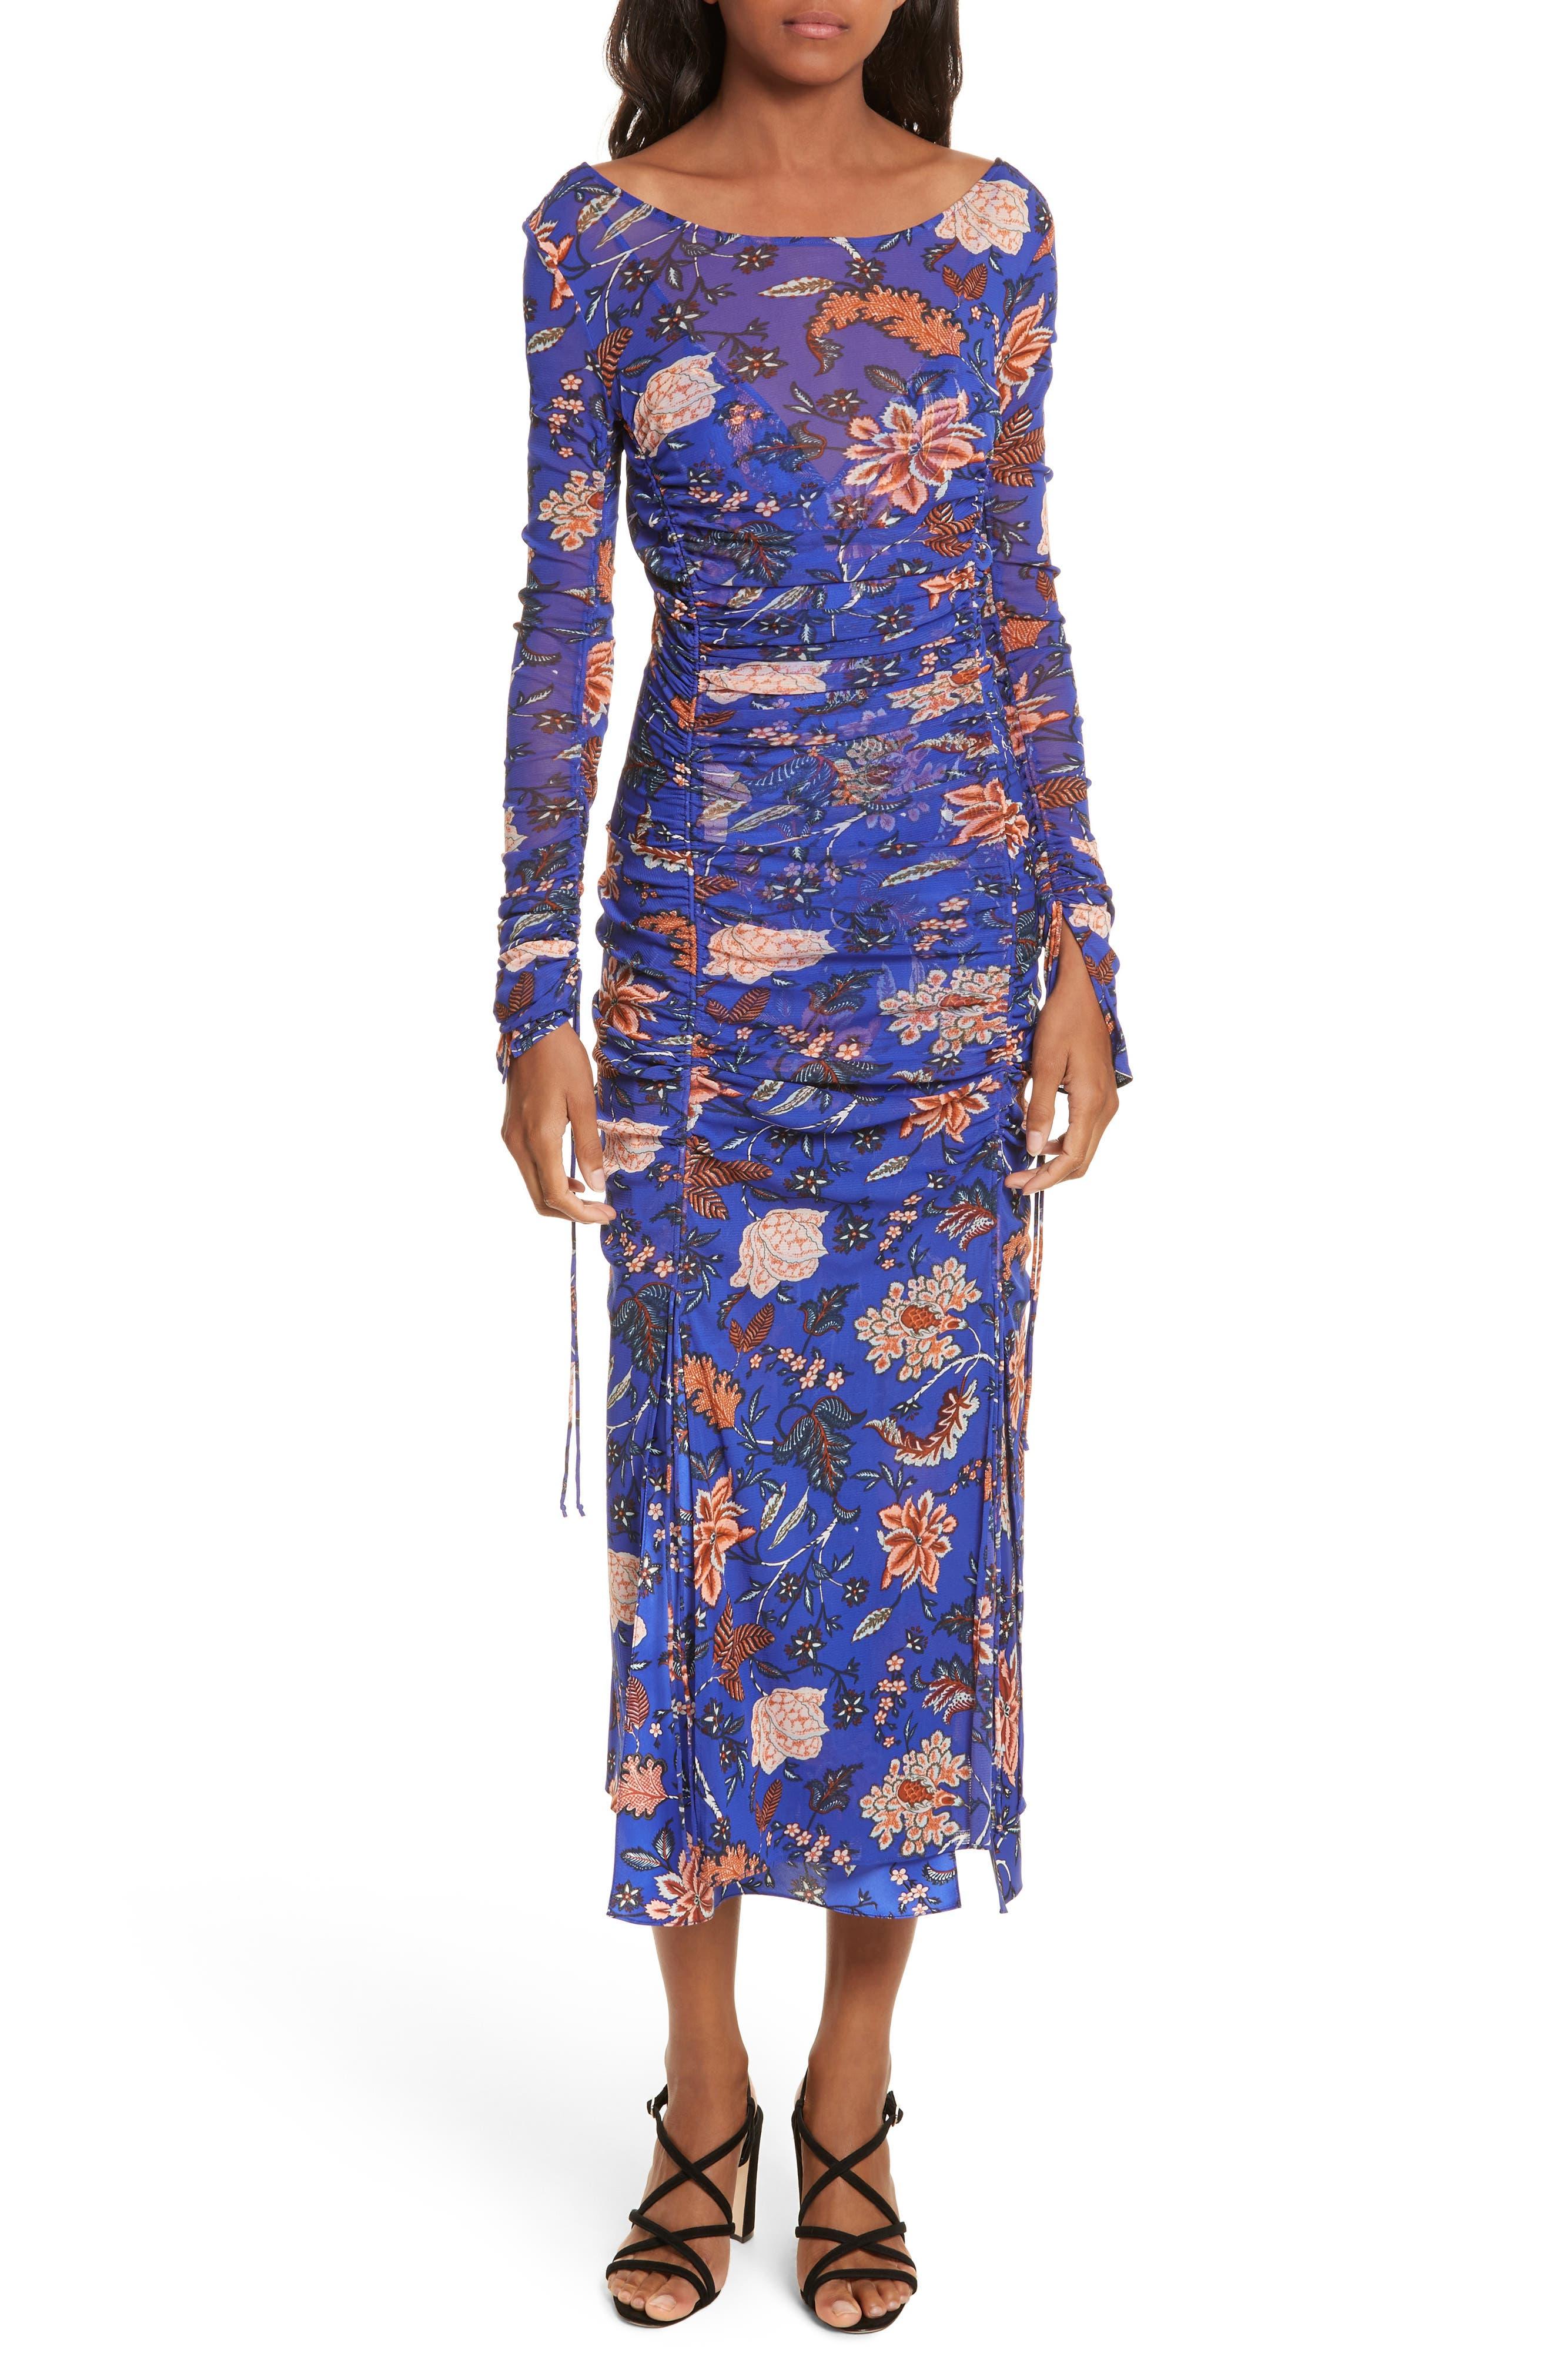 Diane von Furstenberg Mesh Overlay Floral Midi Dress